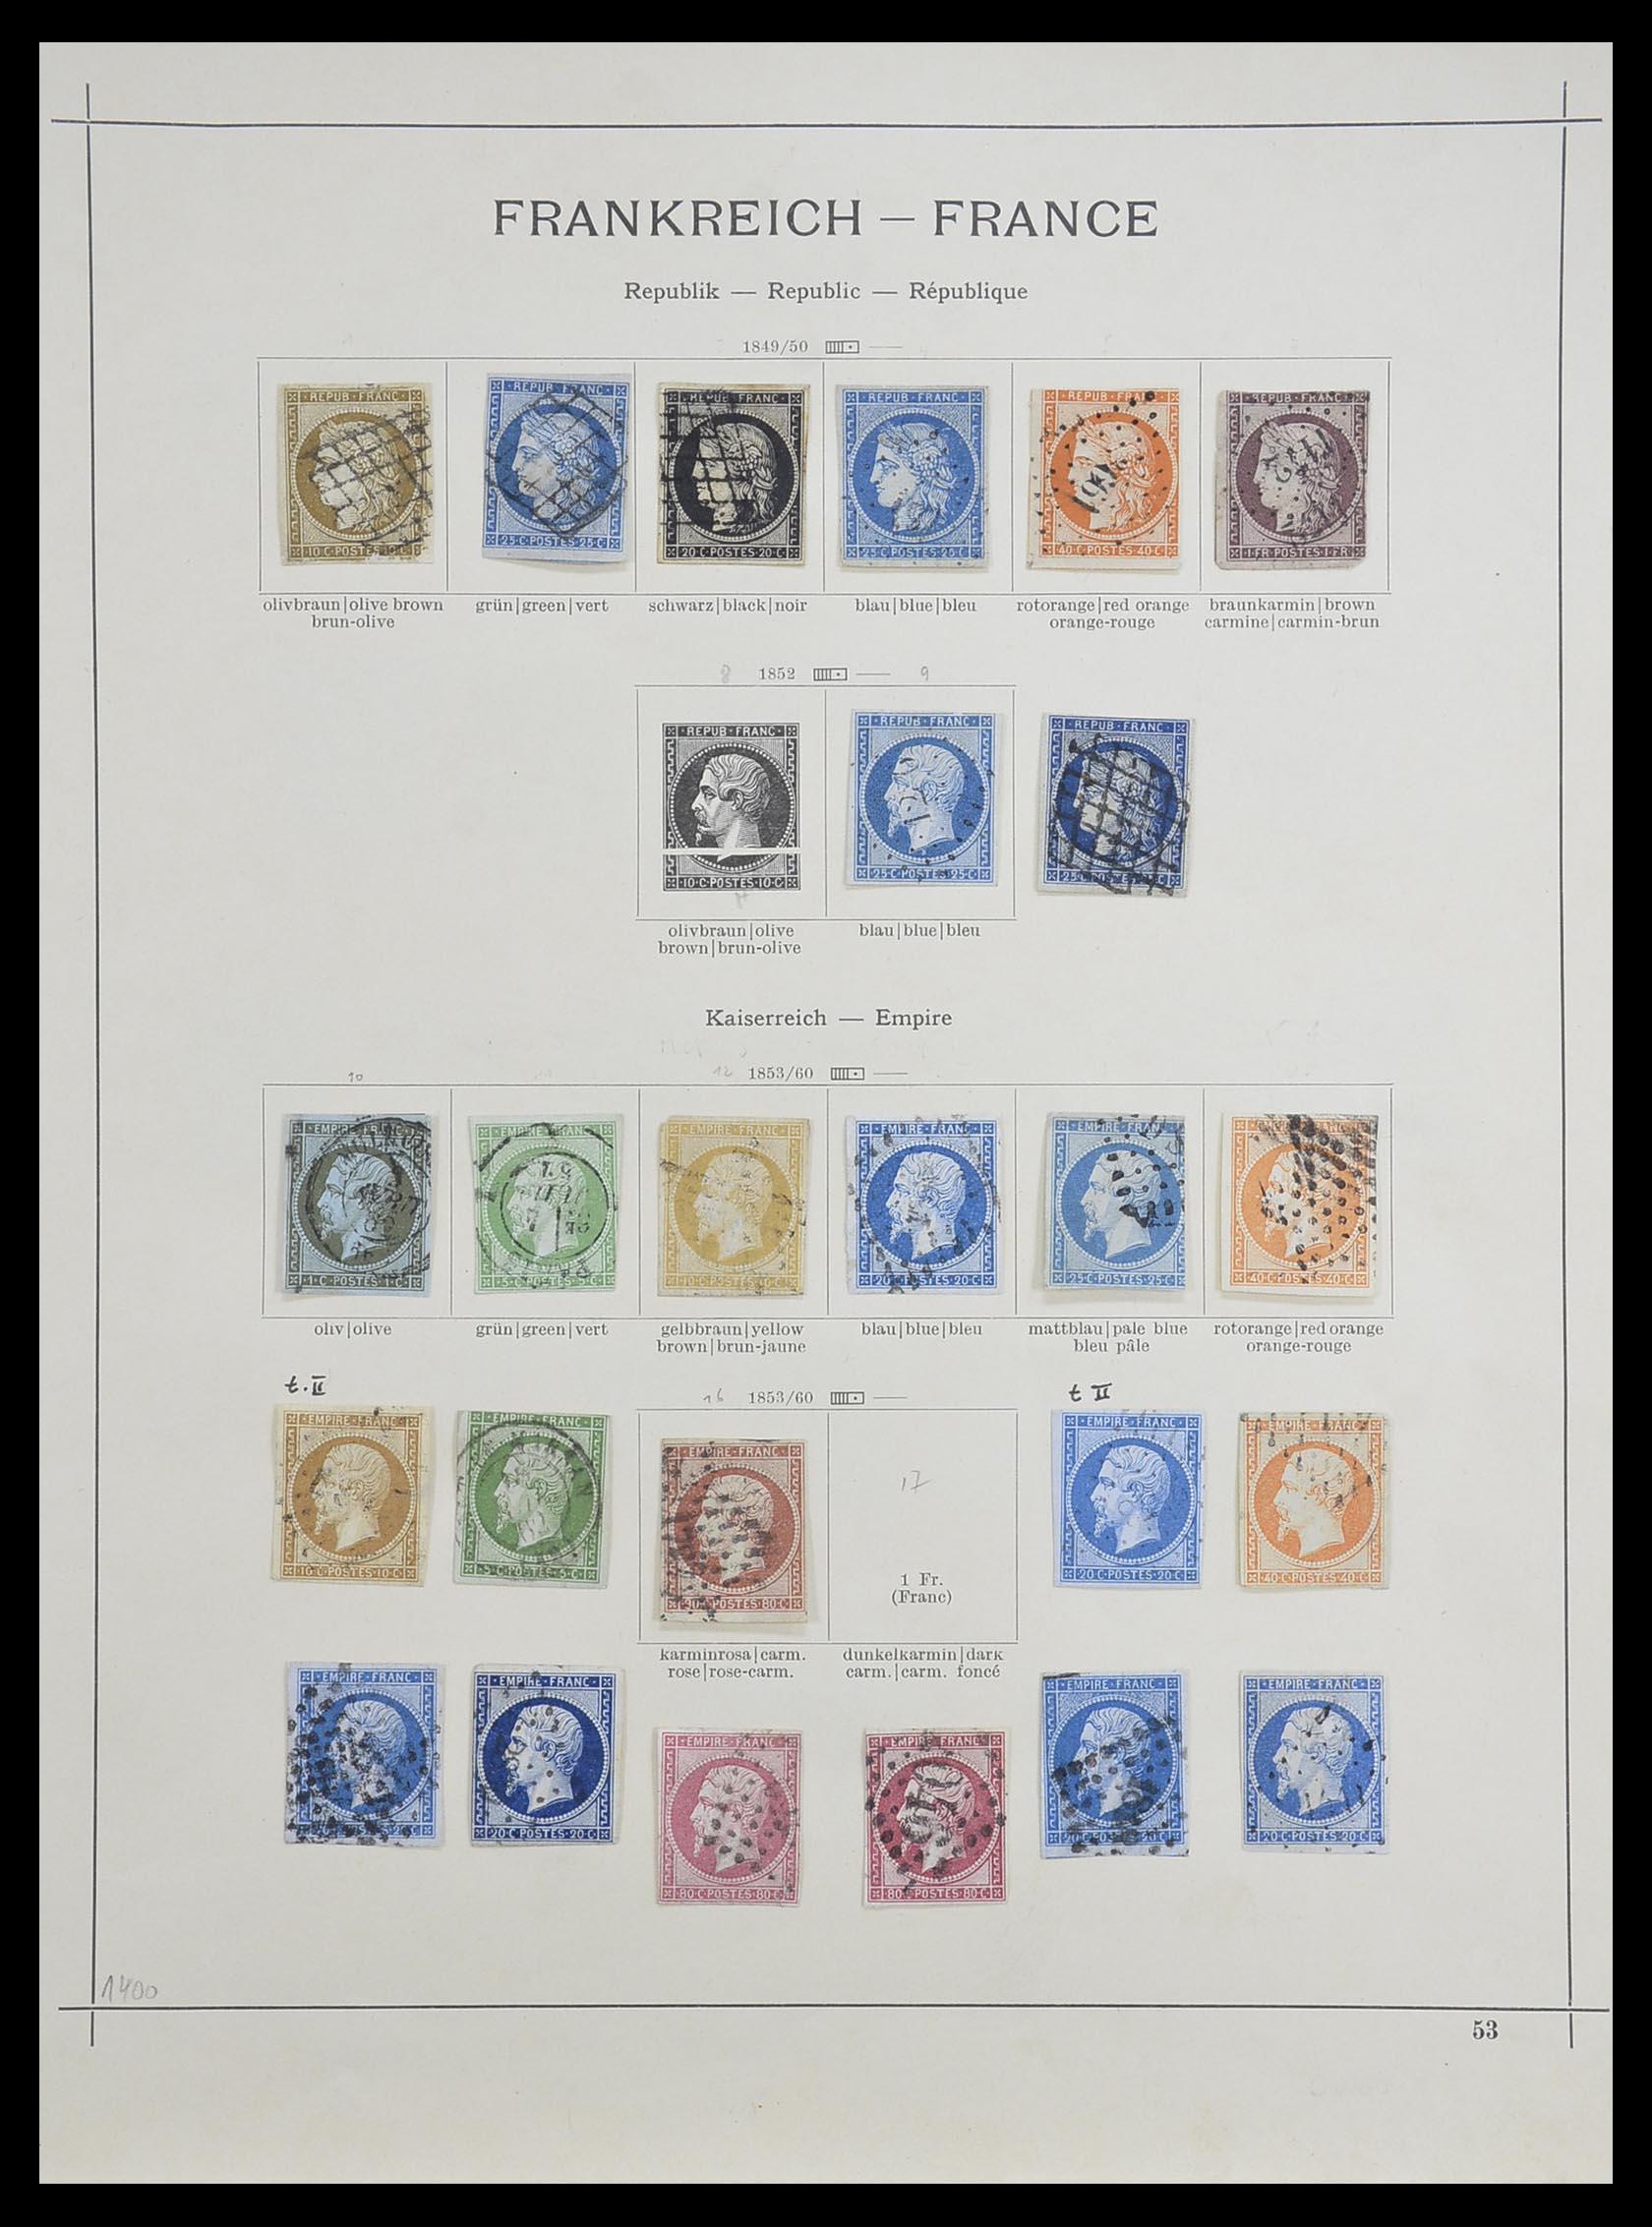 33919 001 - Postzegelverzameling 33919 Frankrijk 1849-1946.